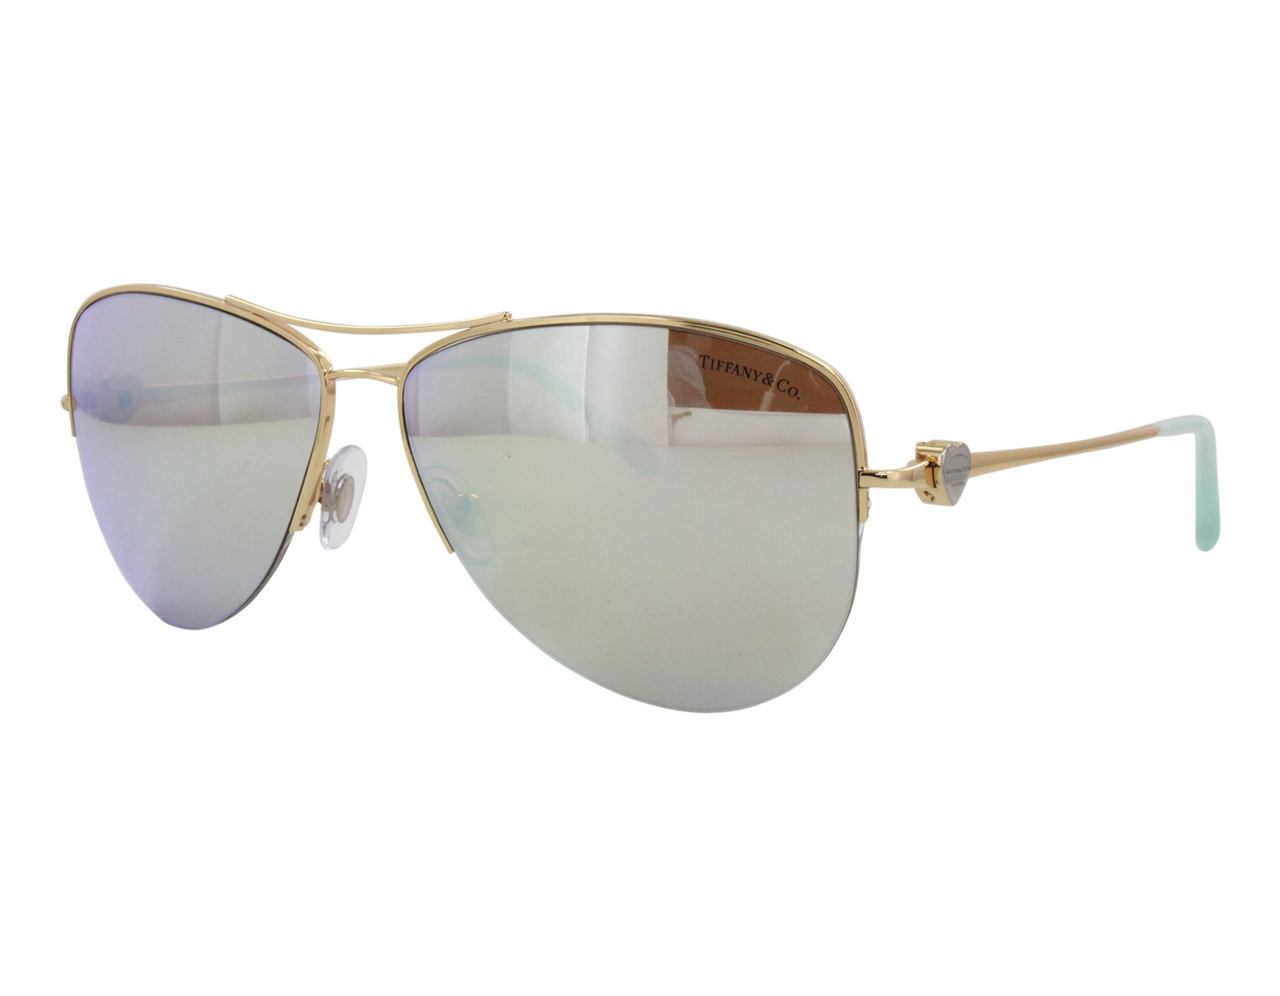 ef2dd08086 Tiffany 3021 Sunglasses